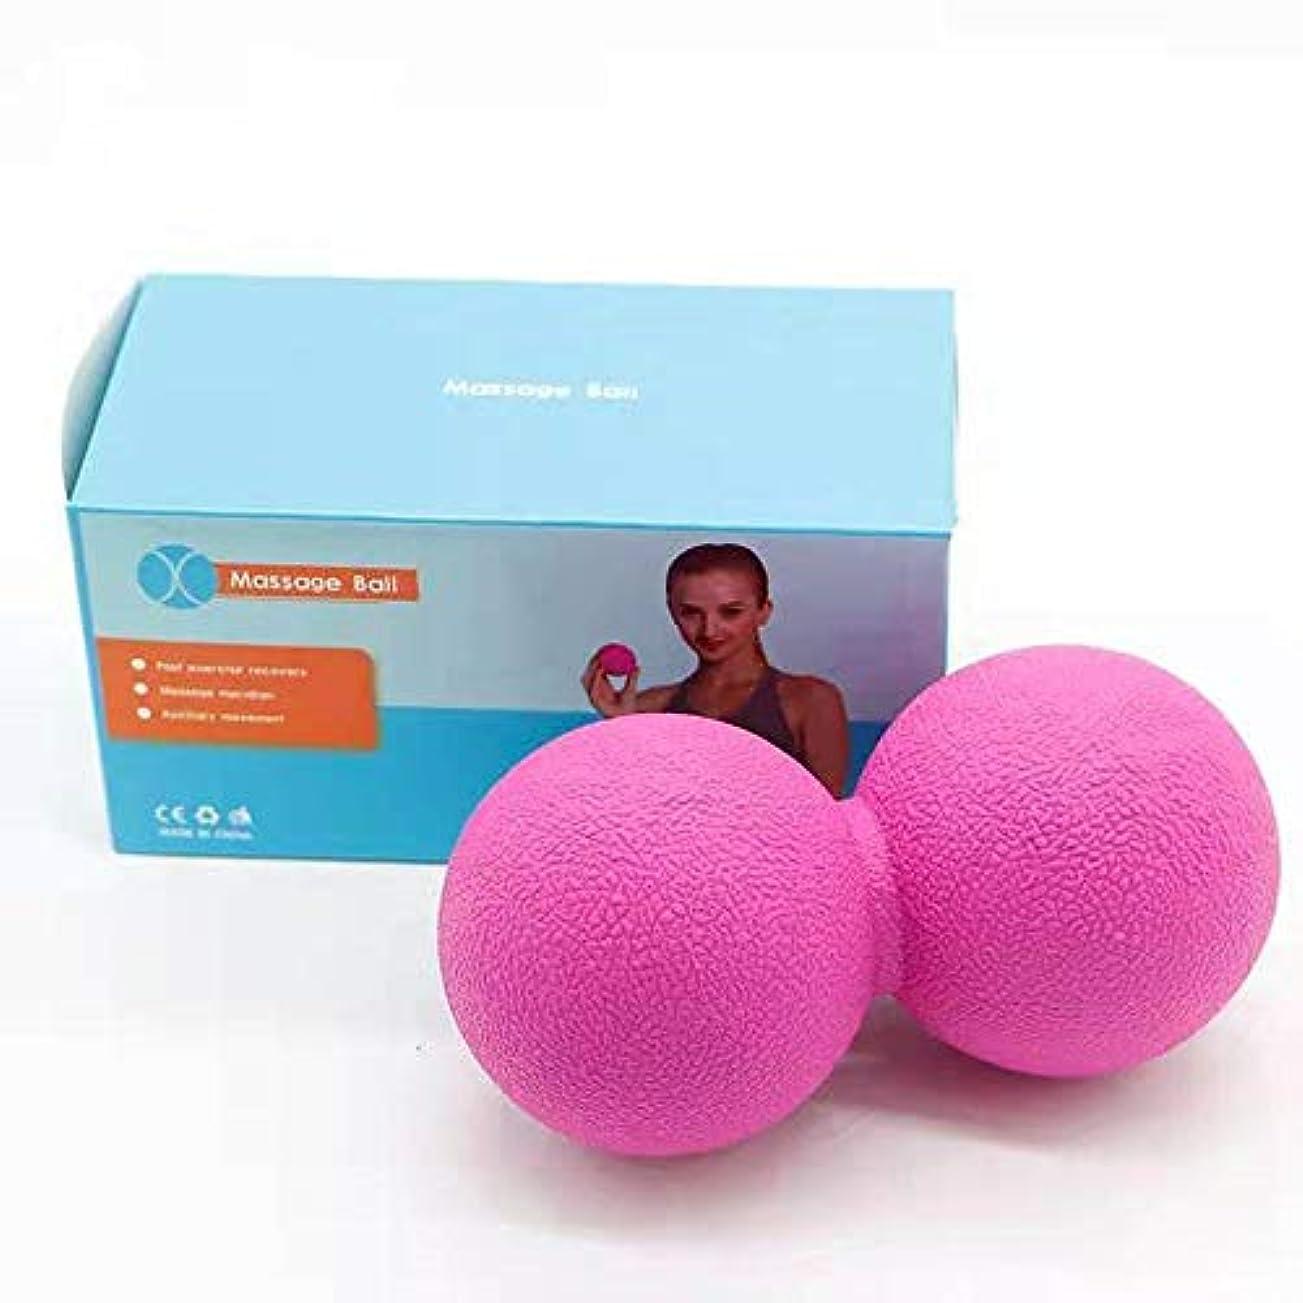 作動するアストロラーベアフリカシリコンマッサージボールヨガボールフェイシアボールピーナッツボール指圧マッサージボール筋肉リラクゼーションボールフェイシアボール